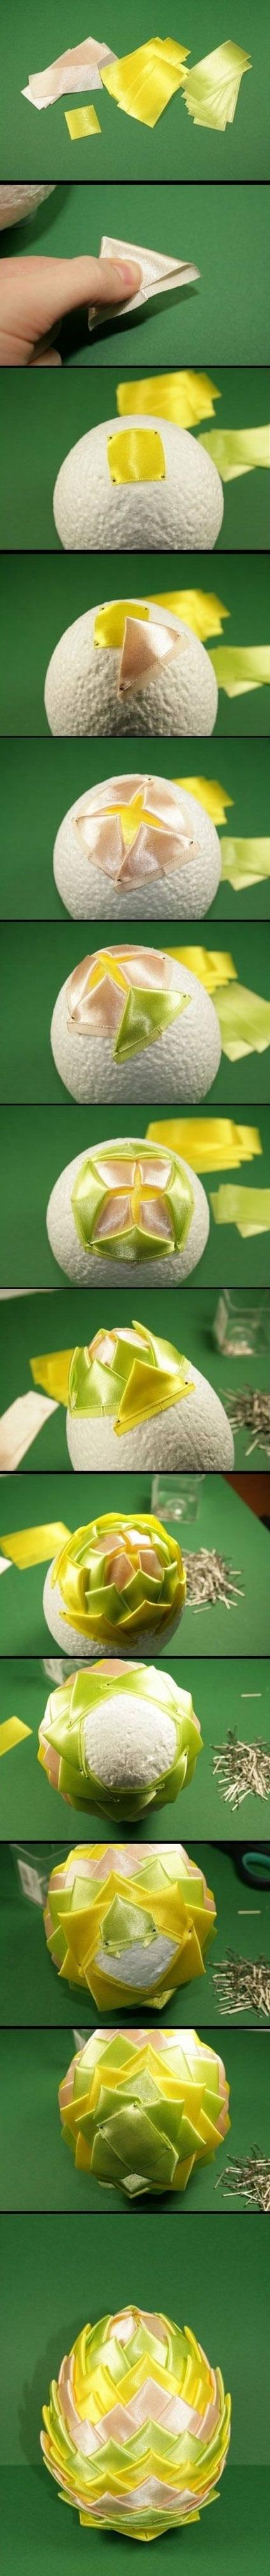 пошаговая схема создания шишек из ткани и бумаги в картинках